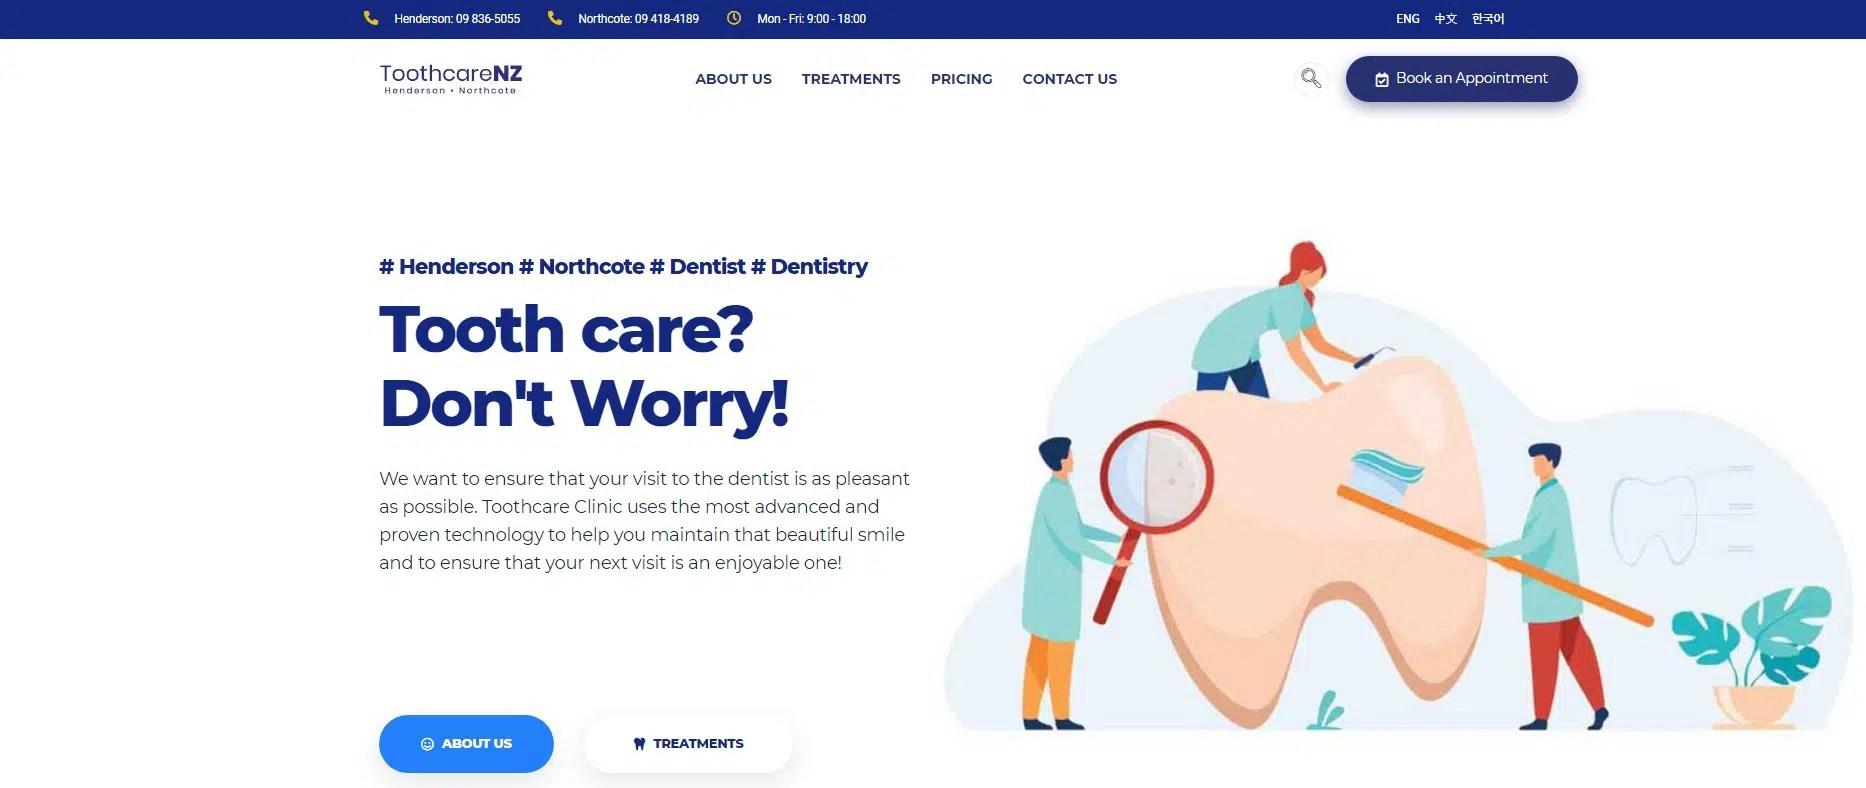 문춘식 치과(Toothcare) 웹사이트 구축